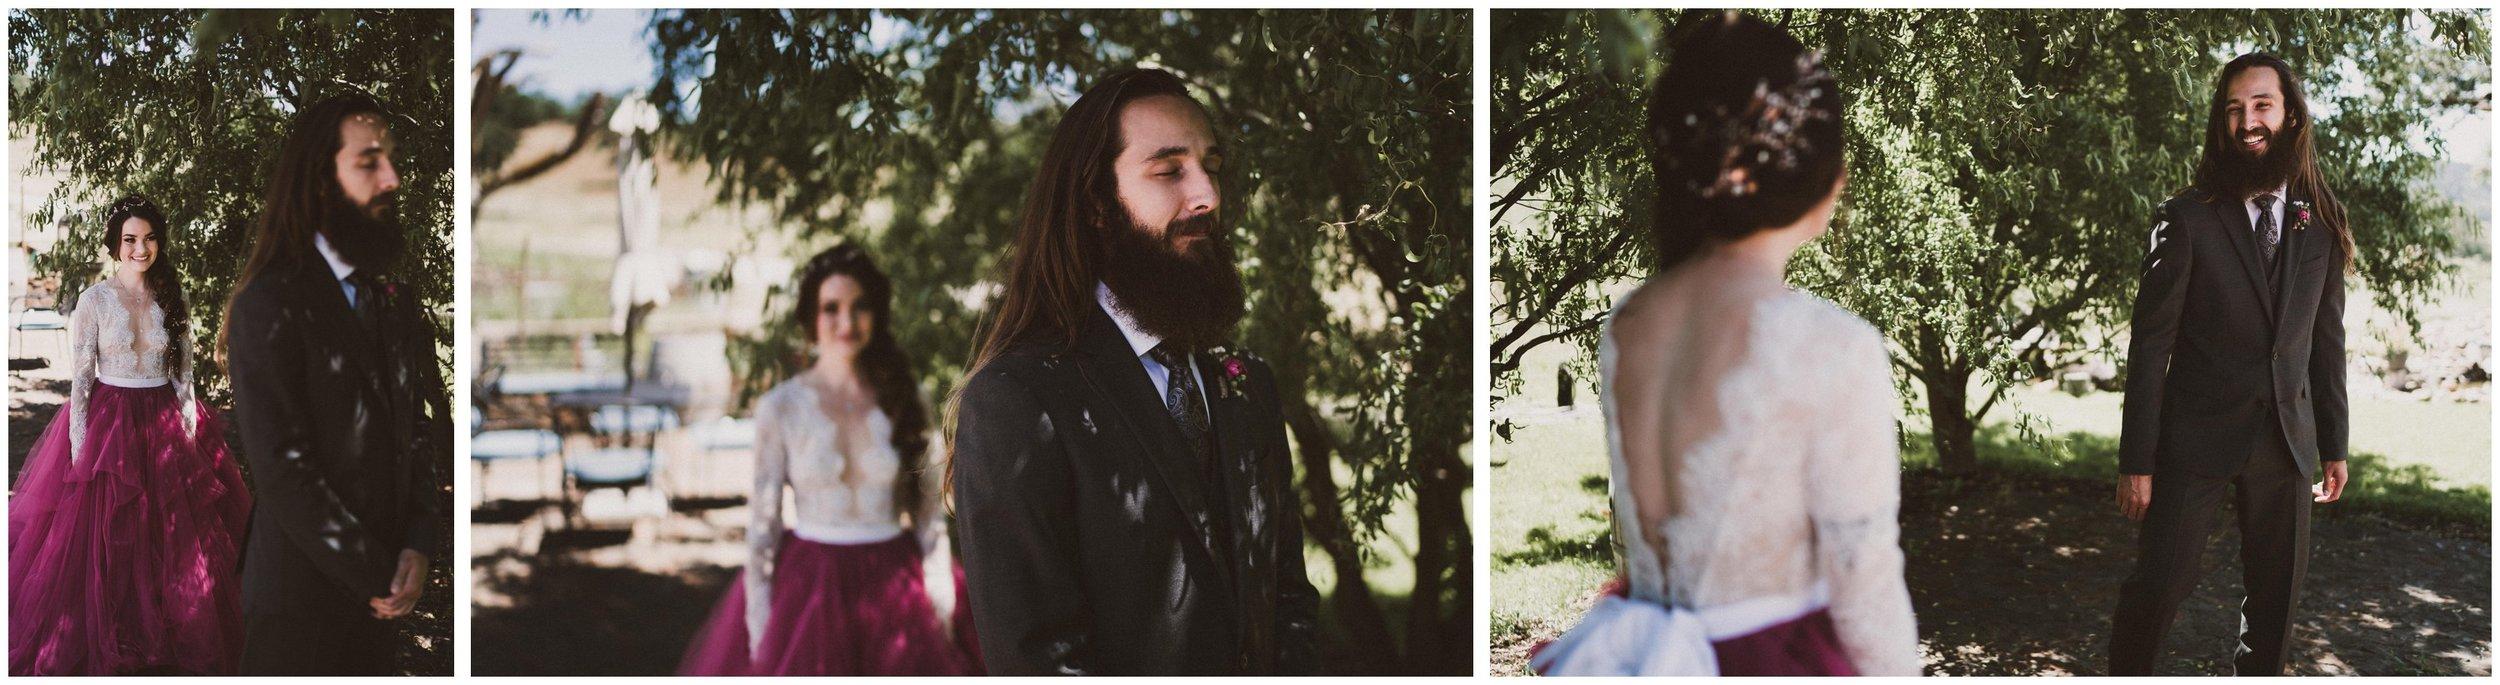 TONY-GAMBINO-PHOTOGRAPHY-BEND-OREGON-WEDDING-SHOOT-000_1513 first look.jpg